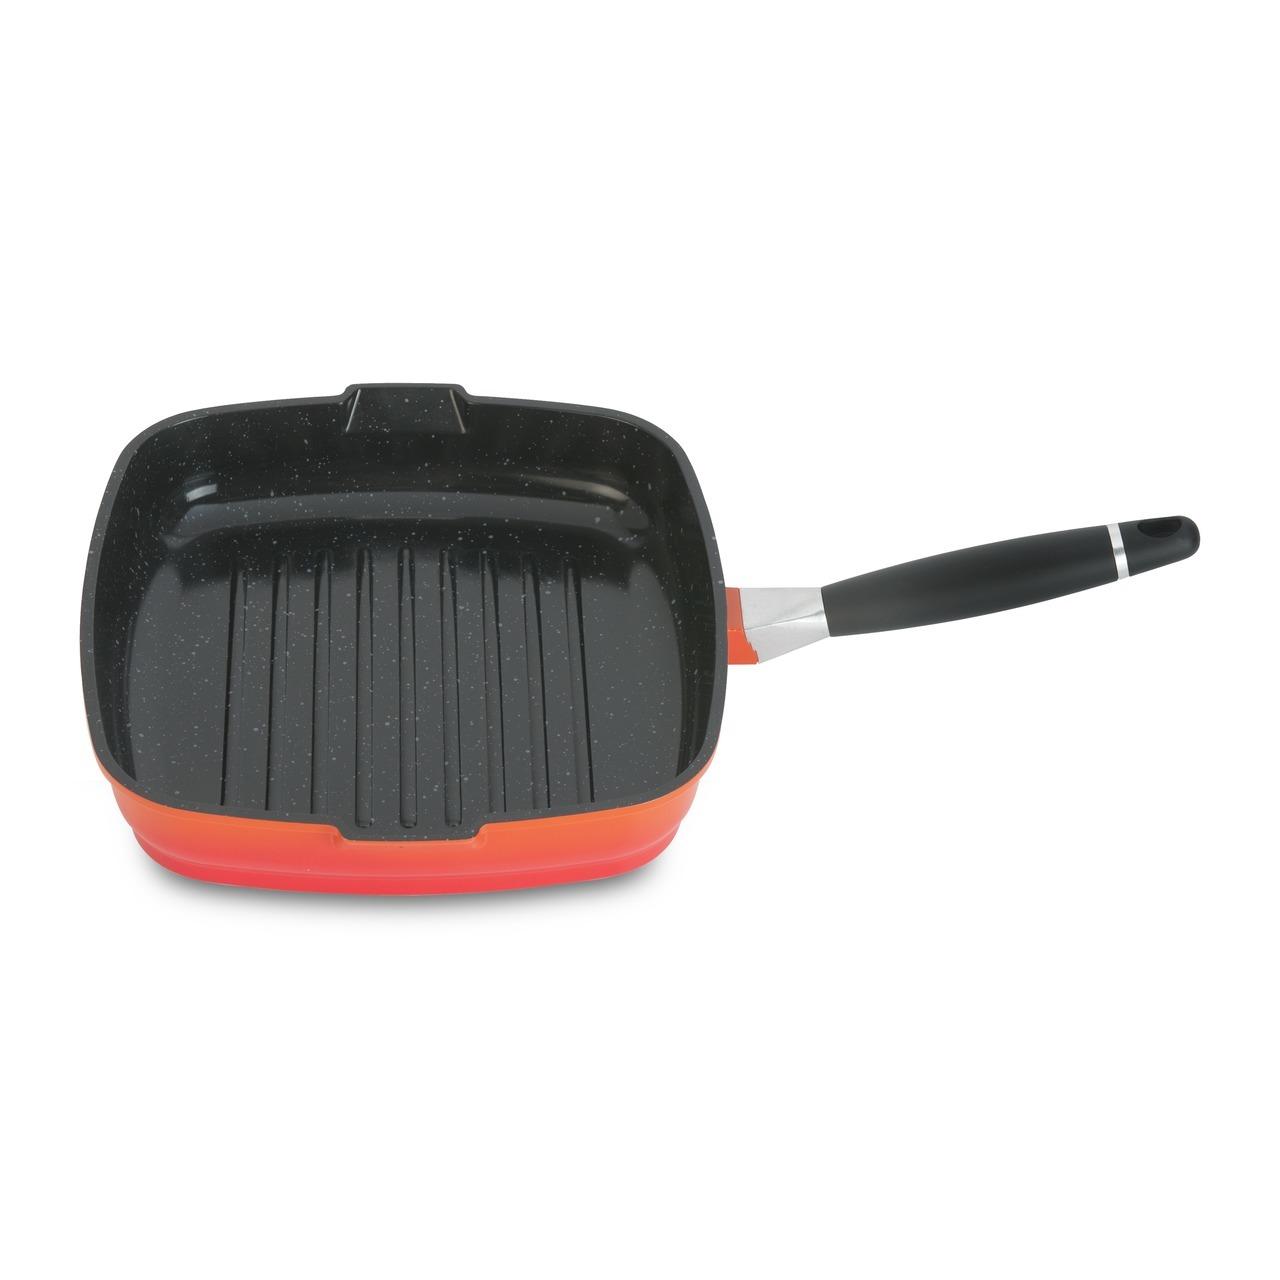 Сковорода-гриль 24см 3л BergHOFF Virgo Orange 2304911Сковороды<br>Сковорода-гриль 24см 3л BergHOFF Virgo Orange 2304911<br><br>Линия Virgo представлена в стильном белом, ярком оранжевом и импозантном темном: соберите набор из одного цвета в пользу единства на вашей кухне или отважьтесь на комбинацию светлого с темным. В идентичном дизайне выполнена и версия из нержавеющей стали. Прочная и простая в использовании посуда с быстрым и равномерным распределением тепла. Рельефное дно не позволяет пище кипеть в своих собственных жирах и подрумянивает типичными для гриля полосками. <br>Эргономичная длинная ручка не нагревается на плите. Ручка снимается для удобного хранения. Эта линия кастрюль и сковород характеризуется элегантно сформированным корпусом, красиво контрастирующим с черными ненагревающимися ручками. Многослойное и армированное, свободное от ПФОК антипригарное покрытие для удобного извлечения пищи и легкой чистки. Не содержит ни свинца, ни кадмия. Носики, по одному с каждой стороны, для аккуратного слива.<br>Официальный продавец BergHOFF<br>